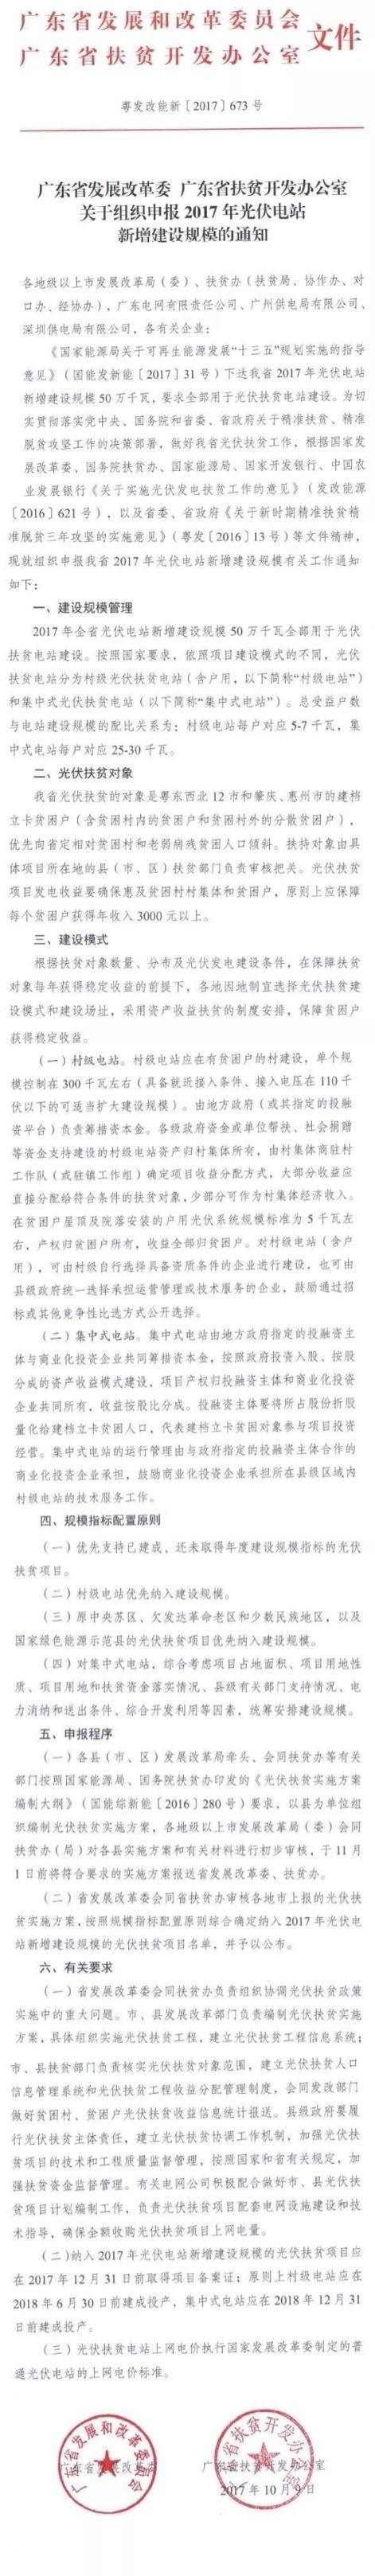 广东省2017年500MW指标全部用于光伏扶贫